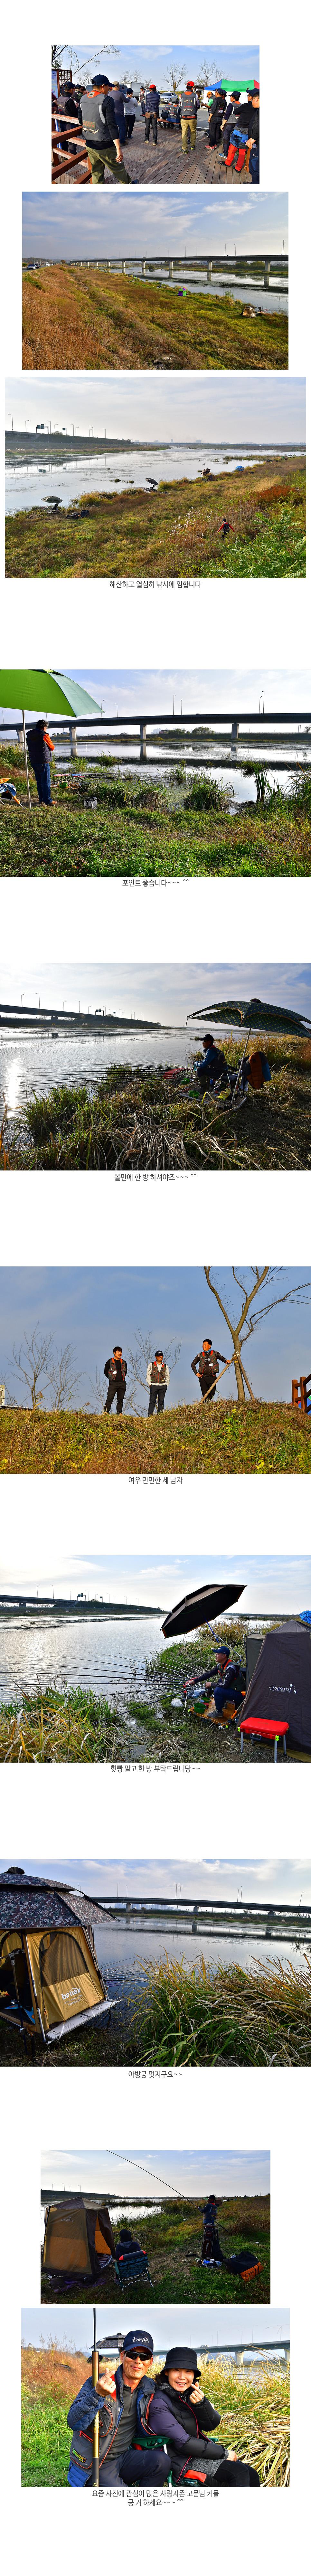 107기 월척원정대(소양천) - 05.jpg